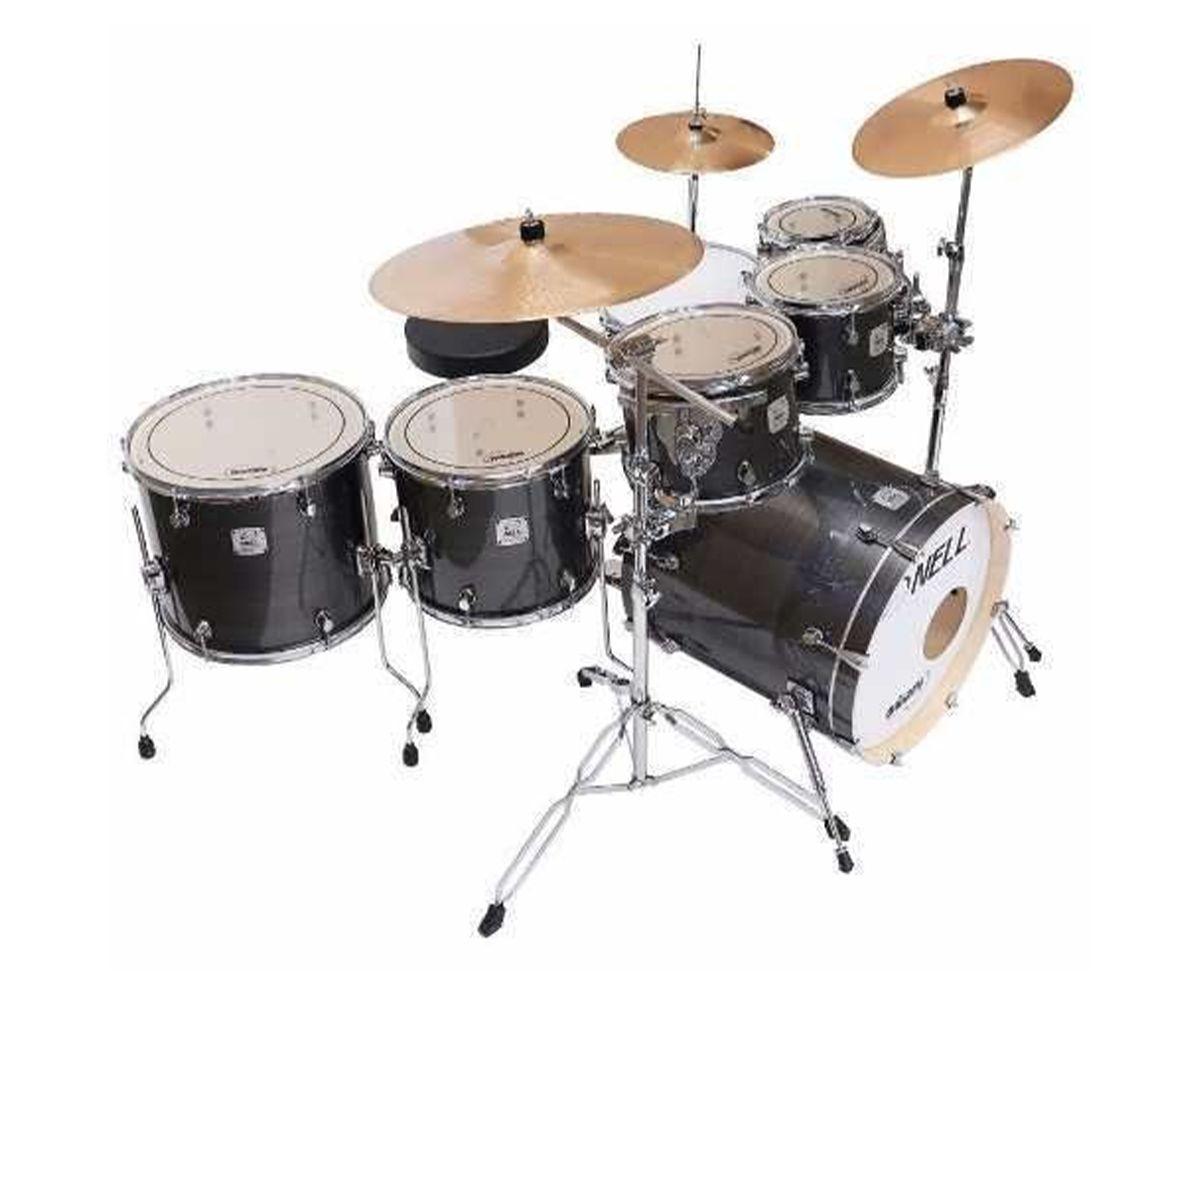 Bateria Acústica Nell Drums Tc7 3 Tons